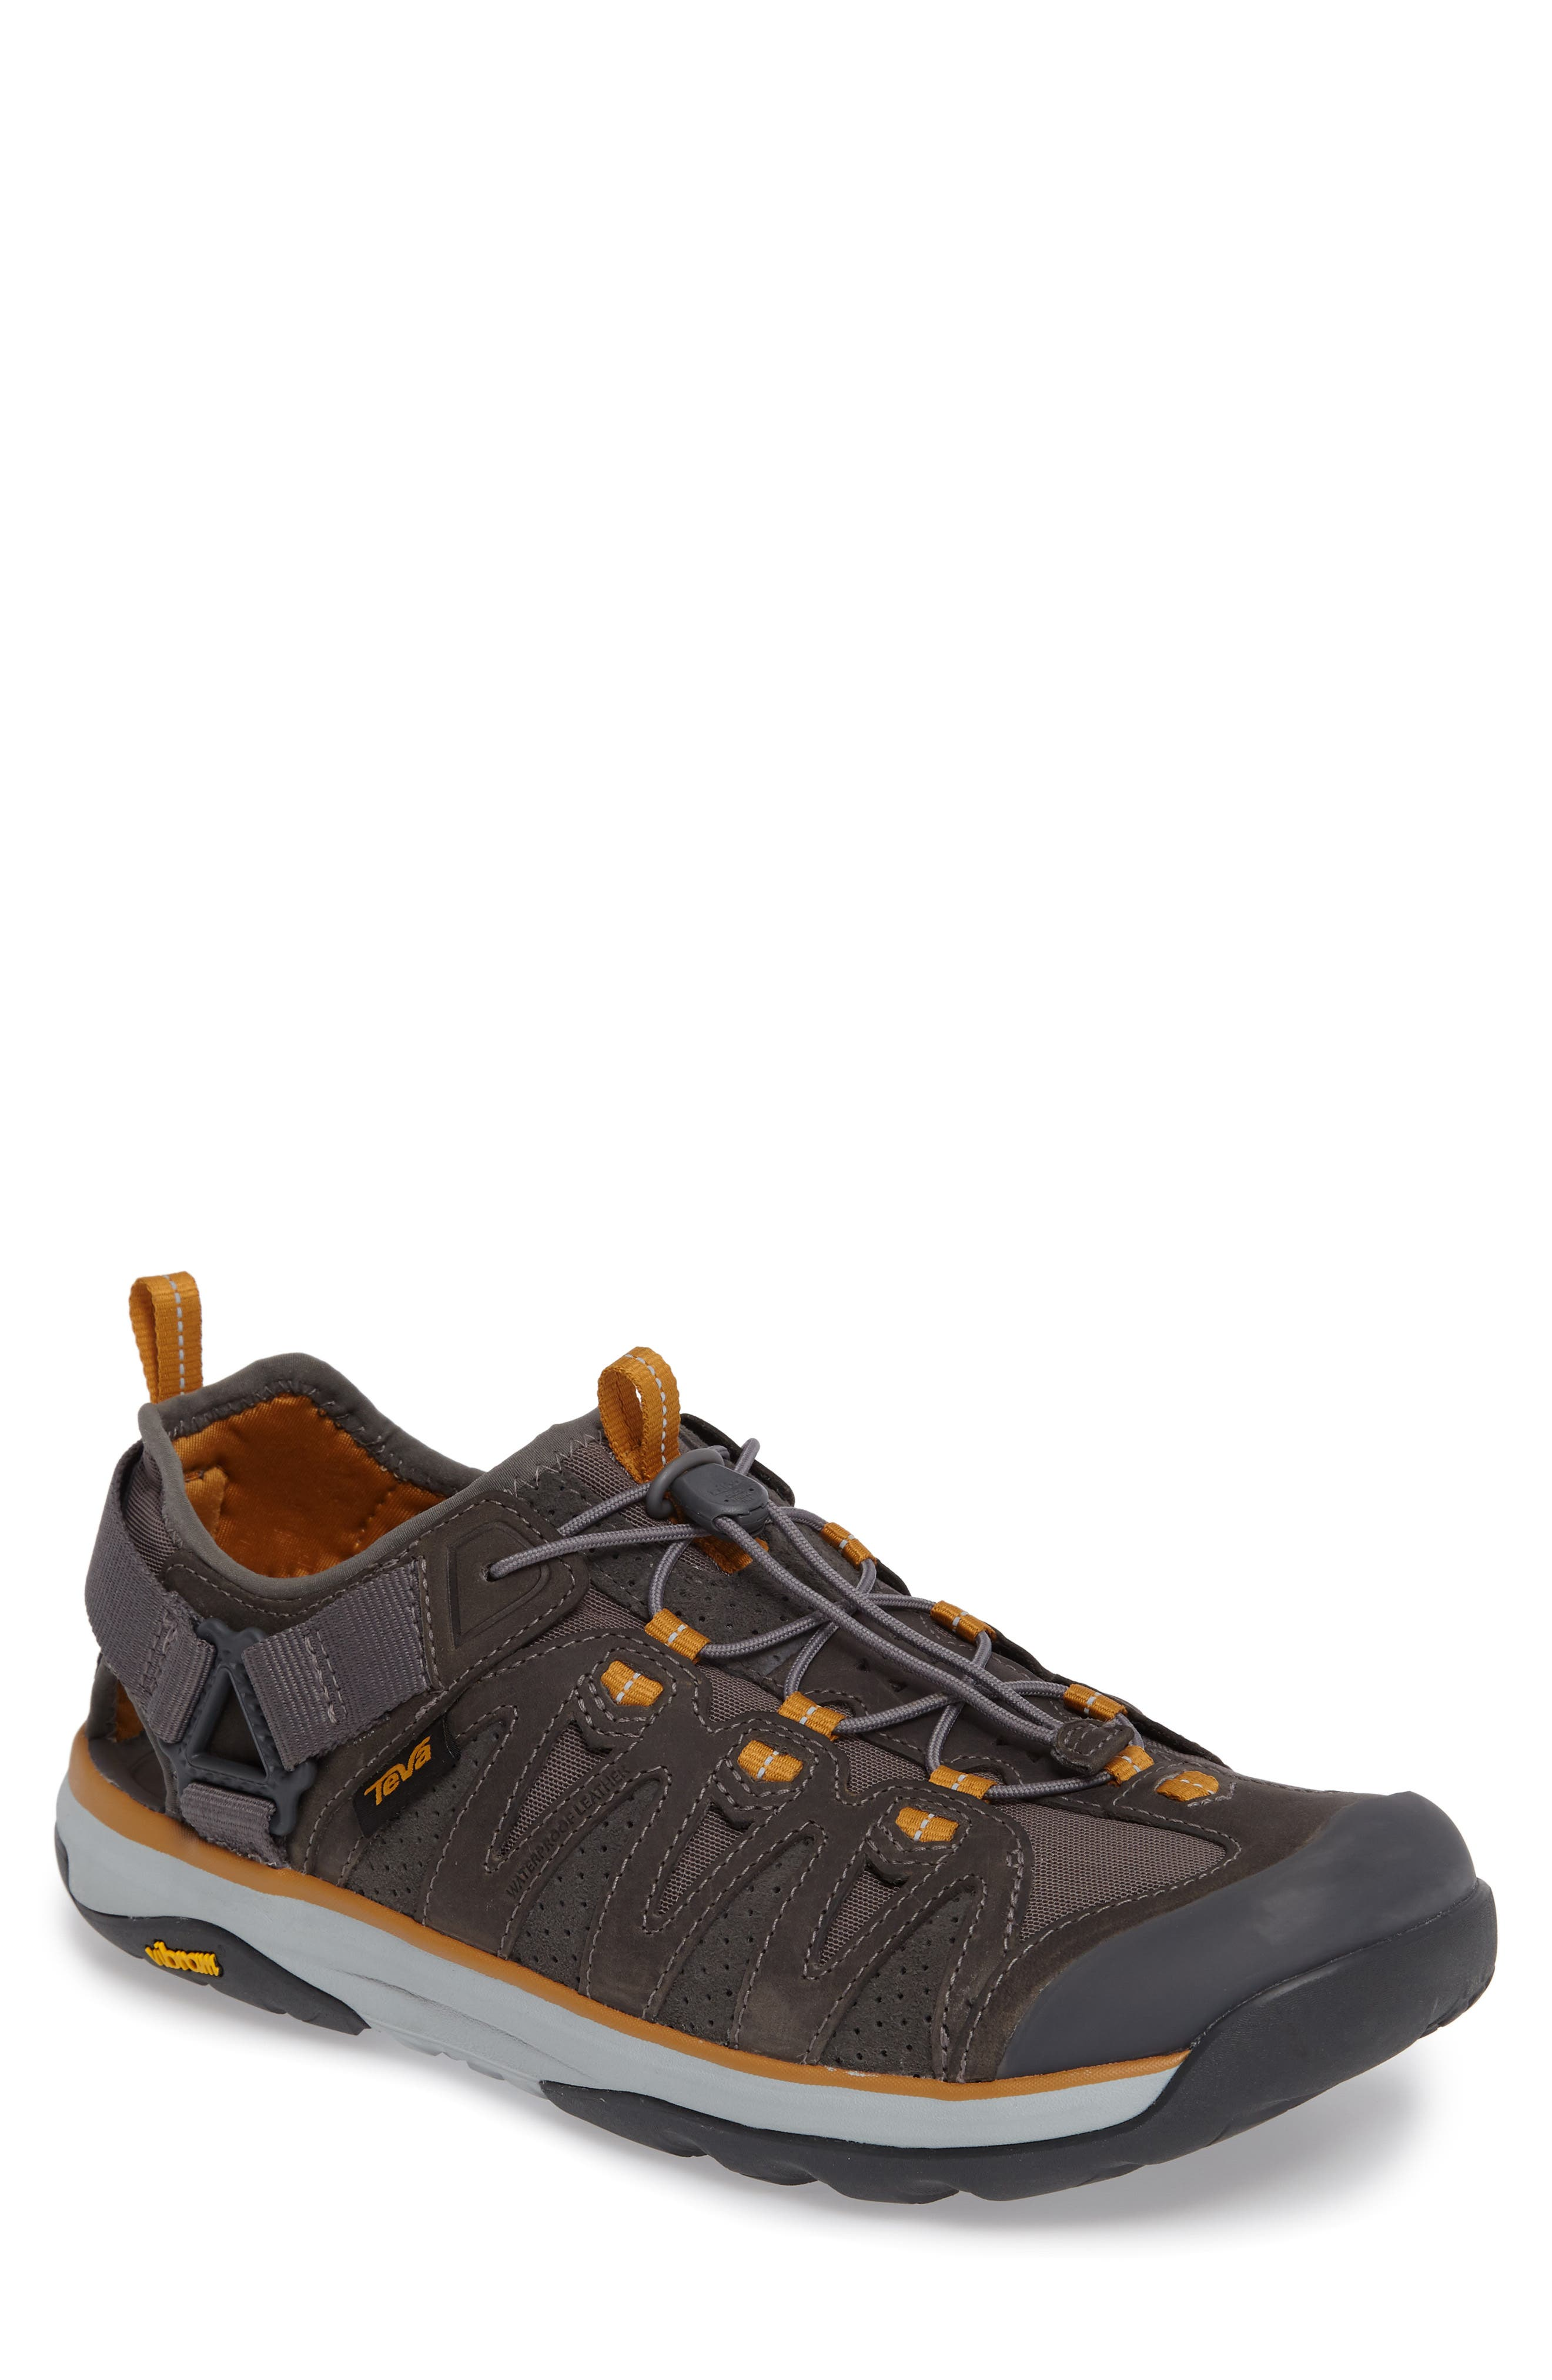 Terra Float Active Sandal,                         Main,                         color, 060